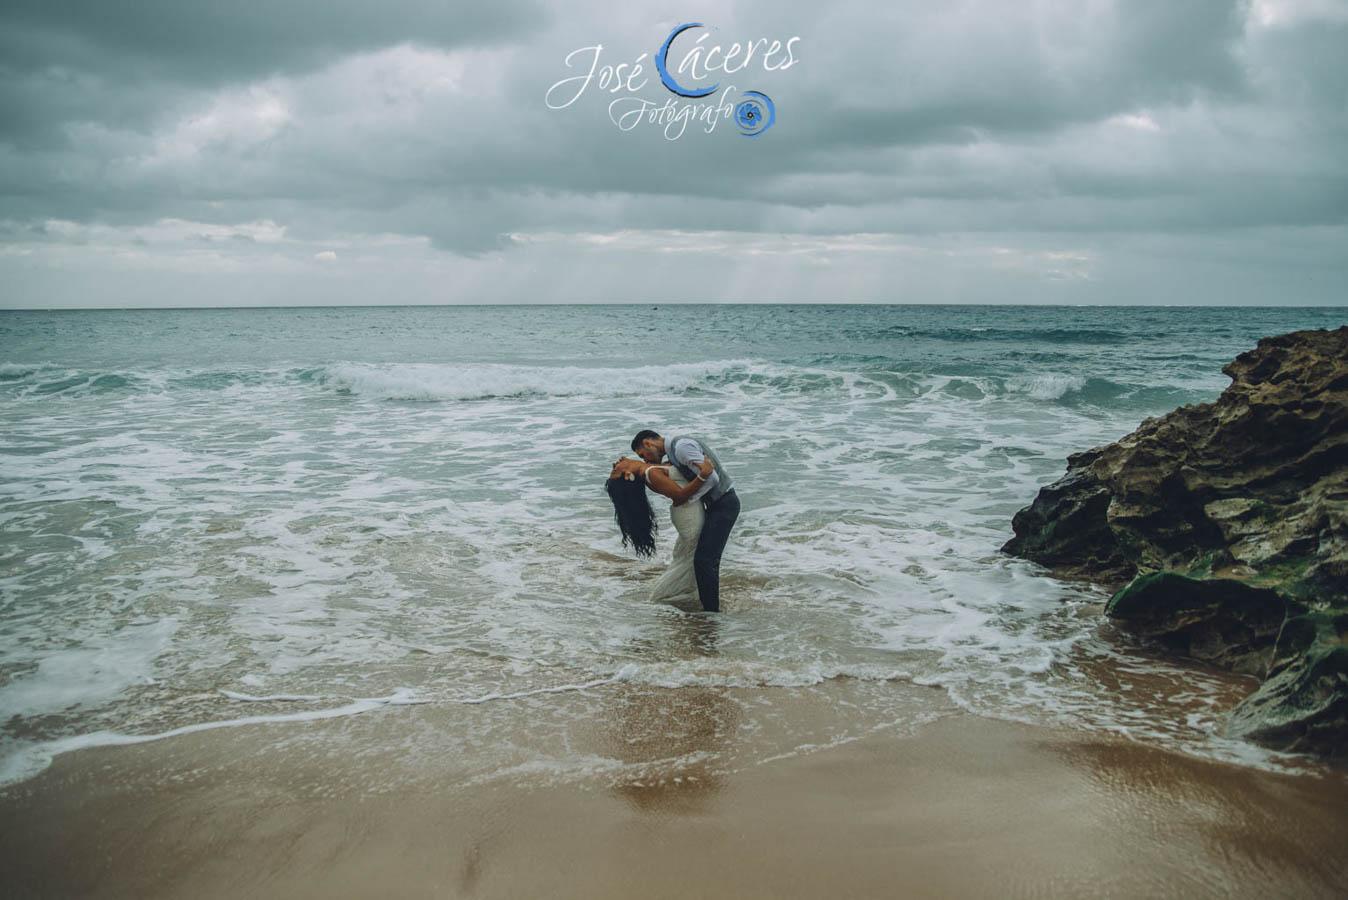 Sesion fotografica de jose caceres fotografia, post boda leticia y jose luis, playas-29